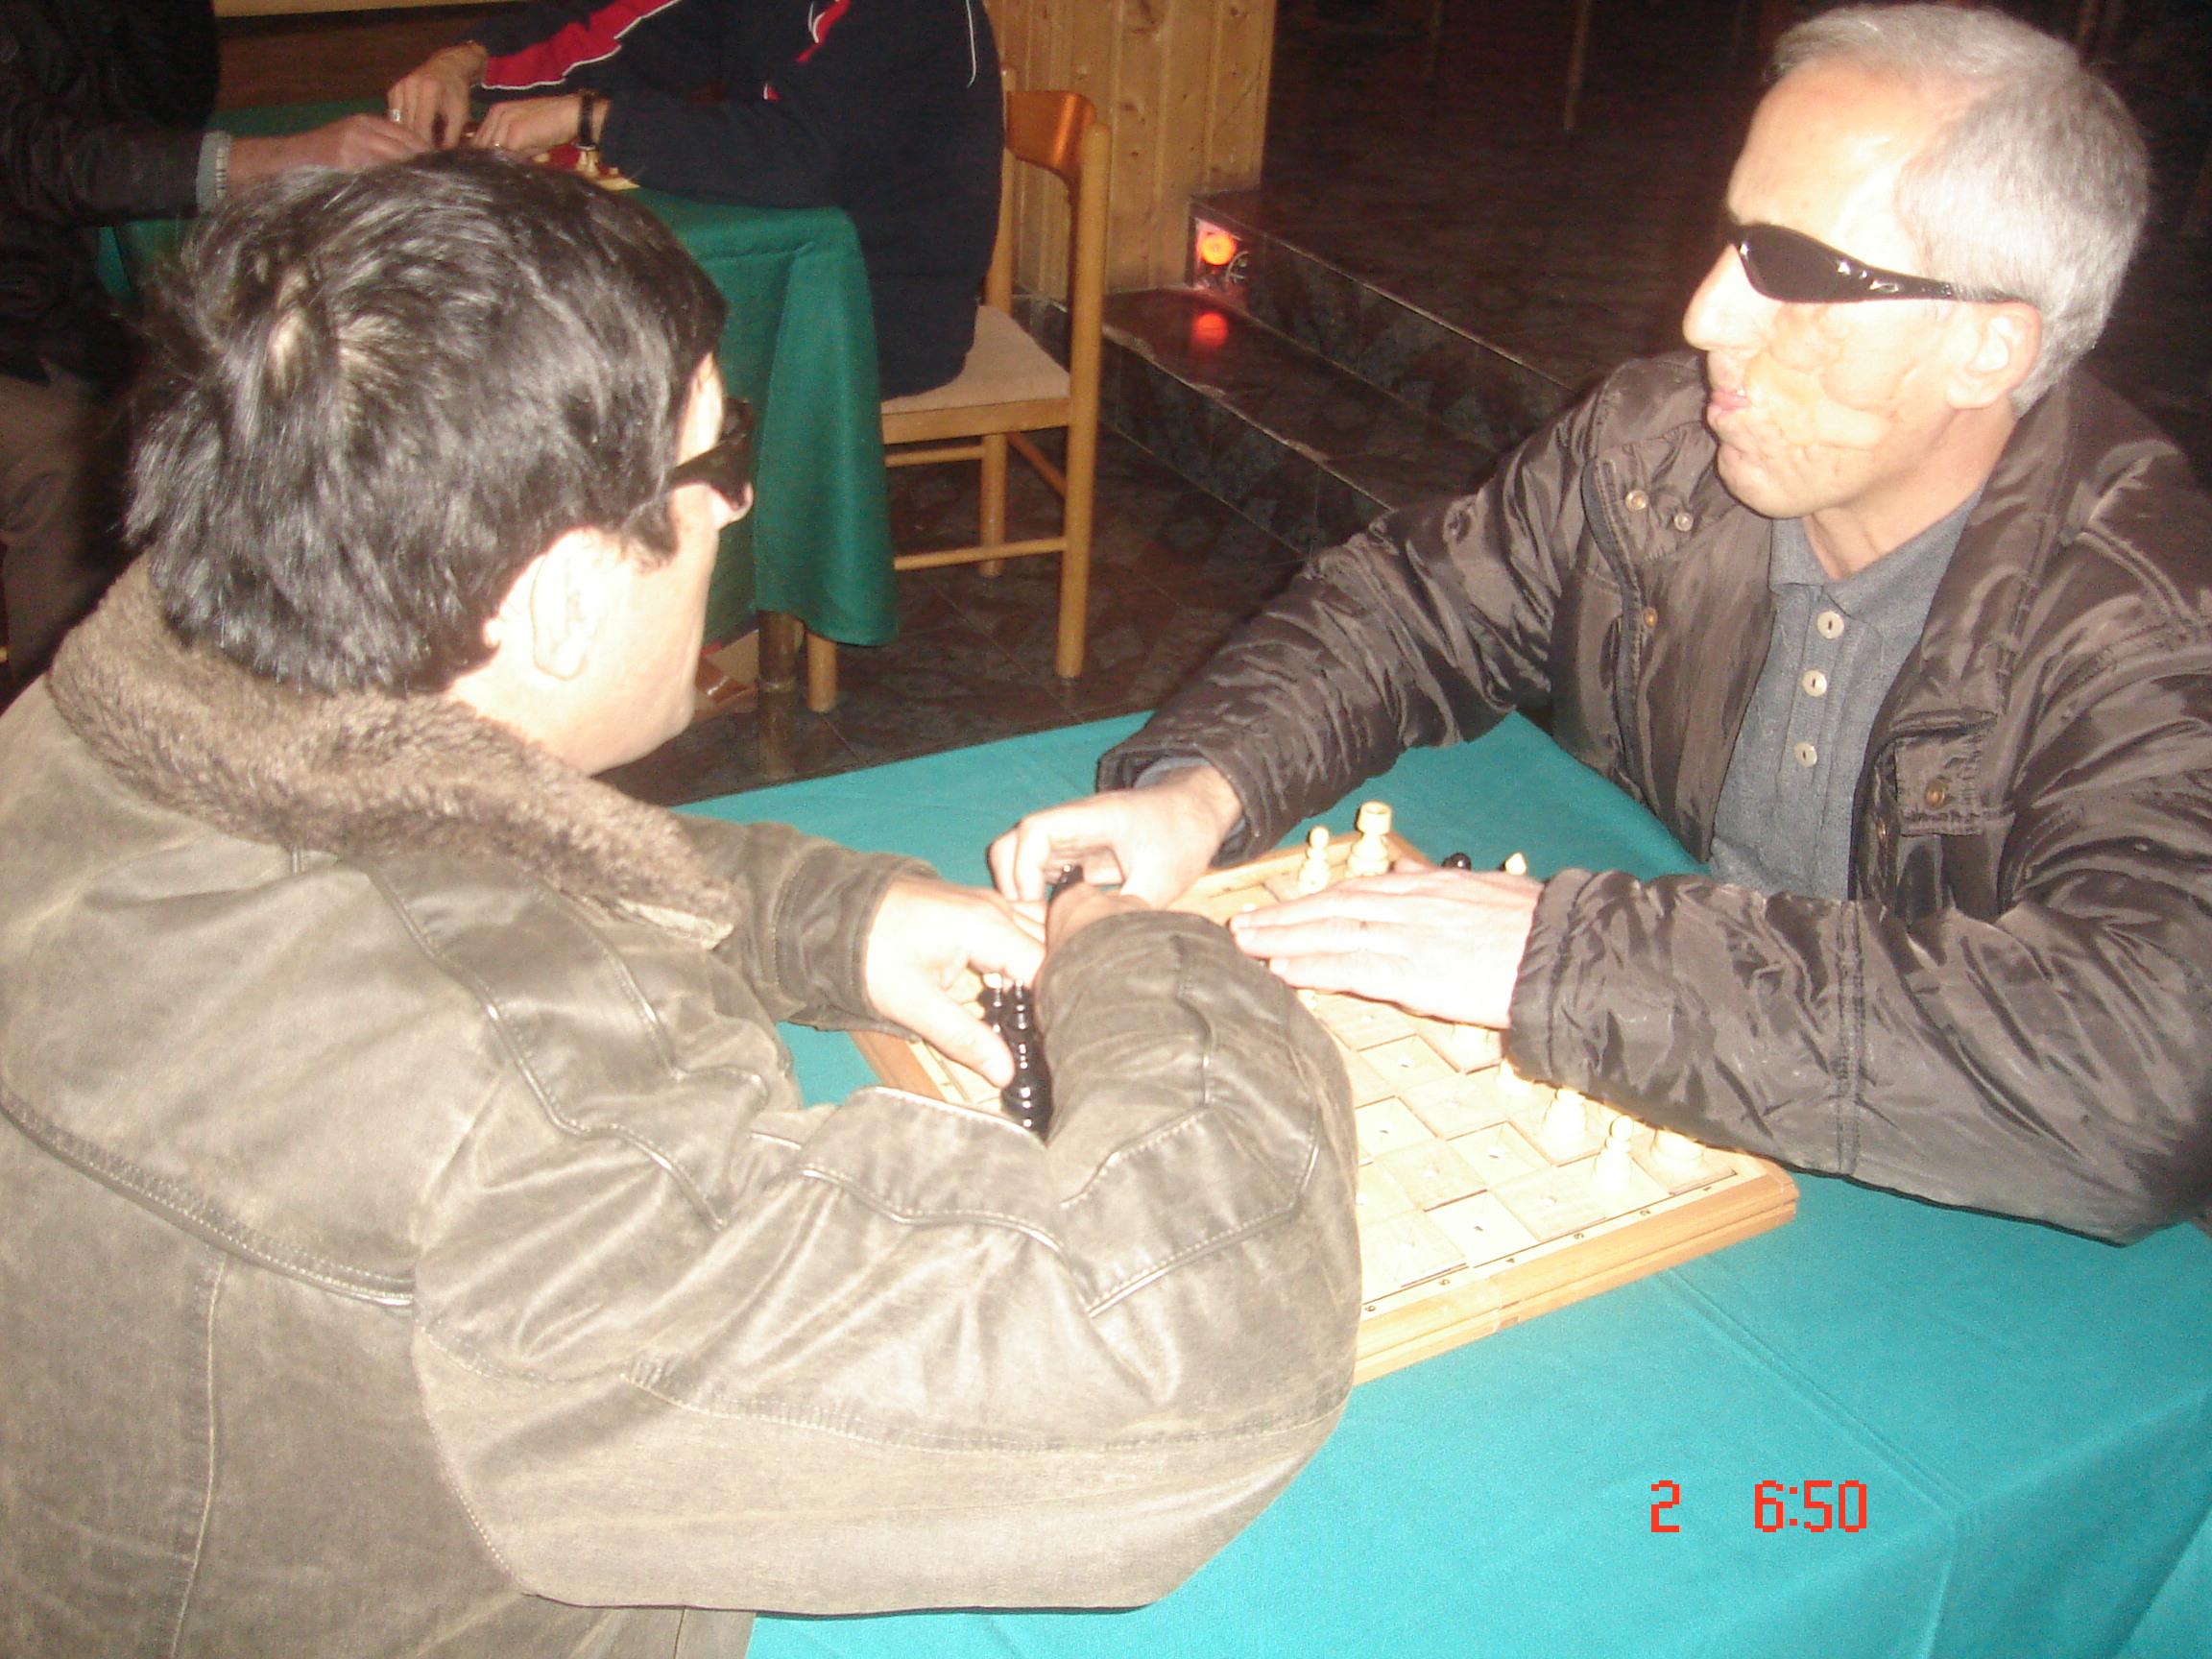 Kampionati i 8-te i shahut per te verber foto 4